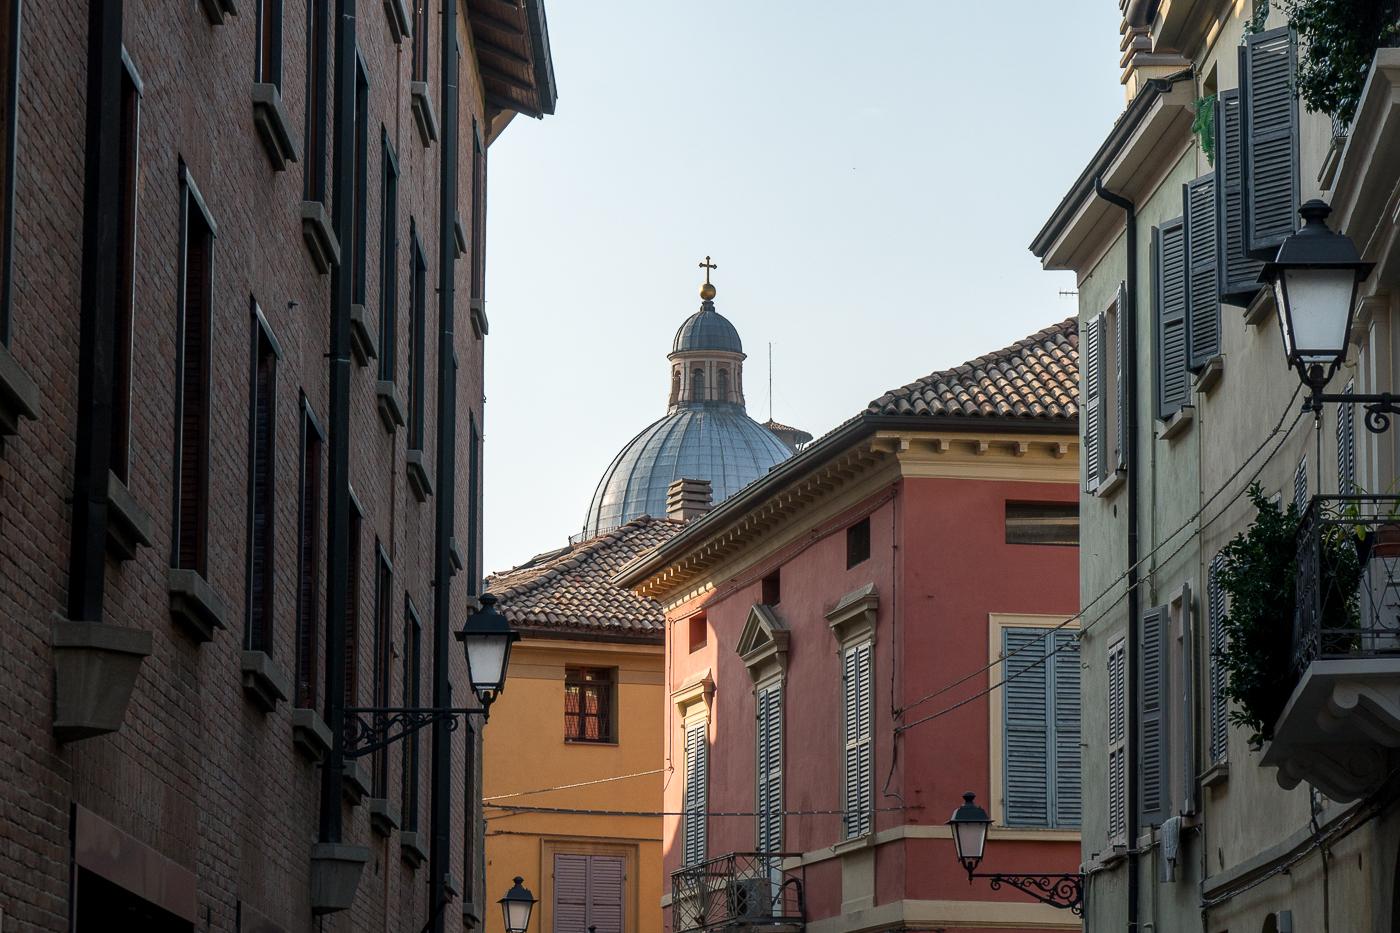 Coupole au-dessus des toits de Reggio Emilia